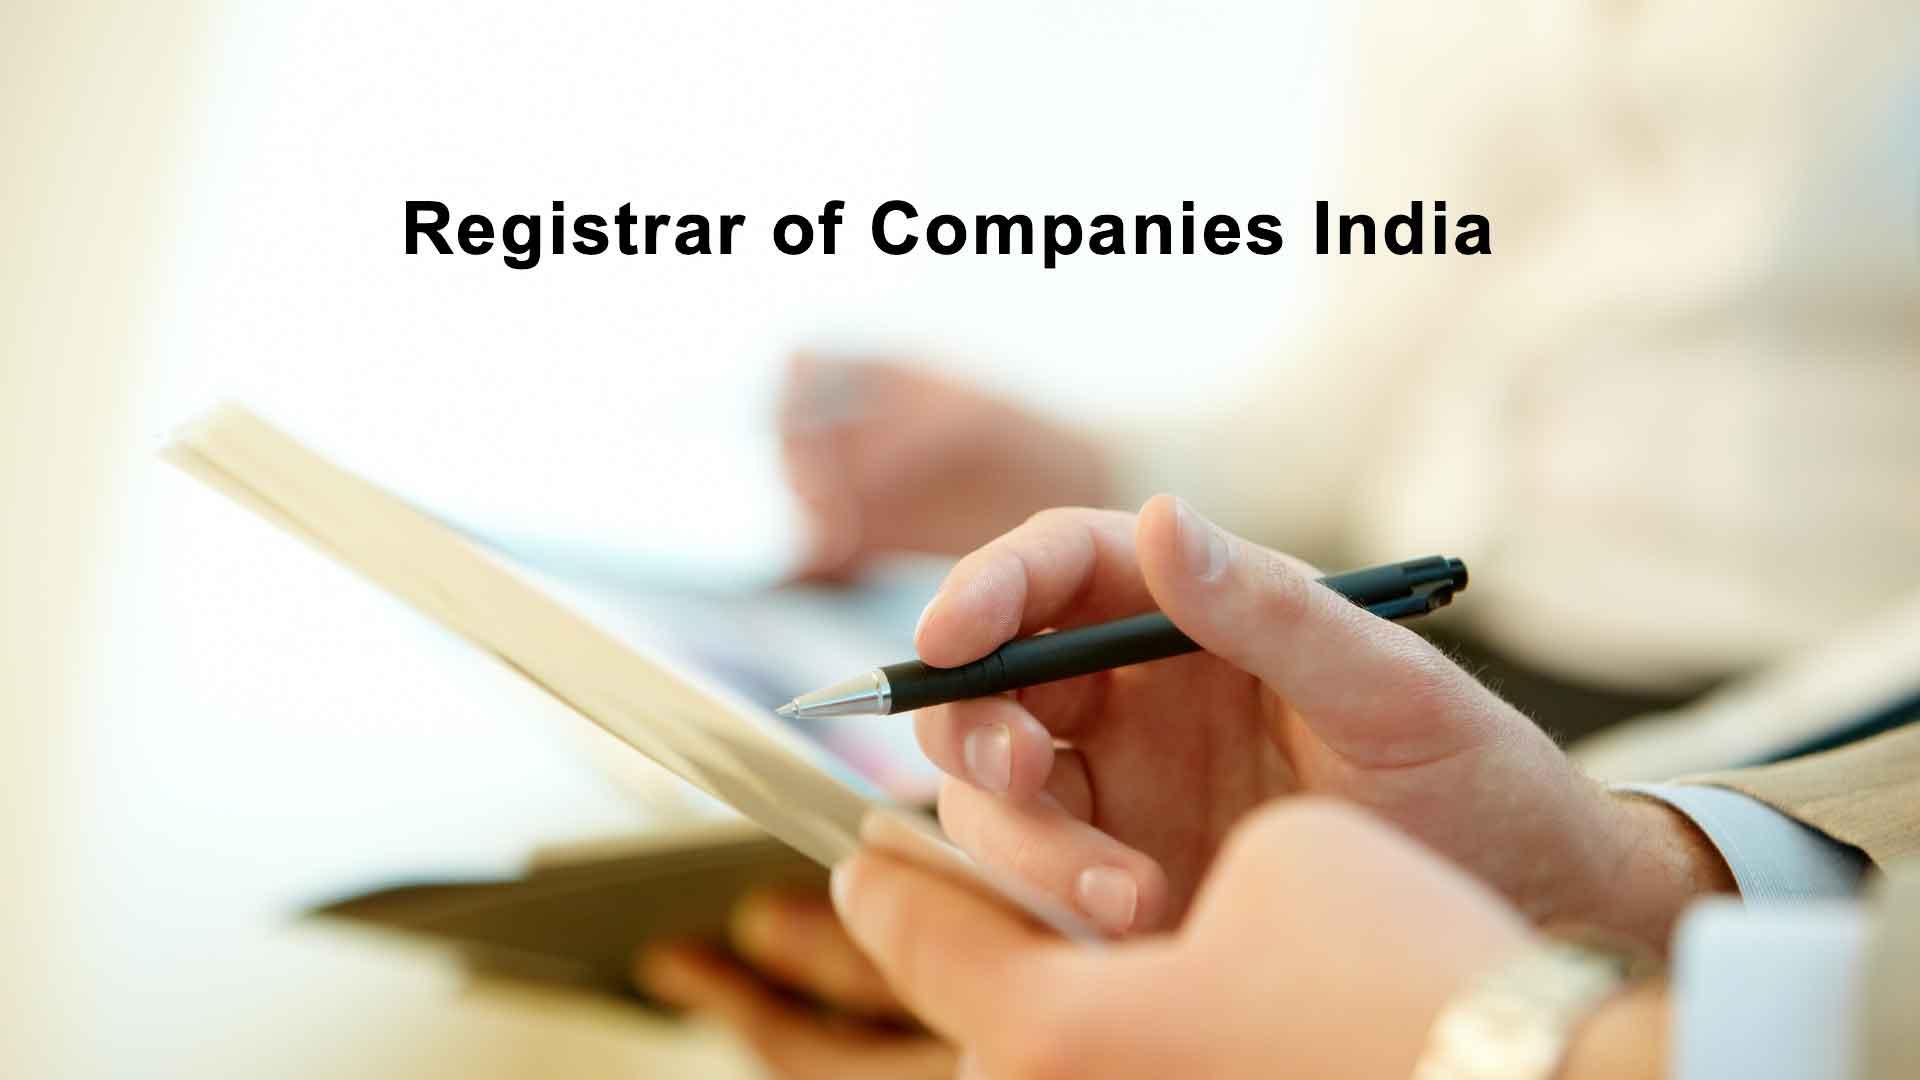 Registrar of Companies (ROC) Delhi - Delhi and Haryana